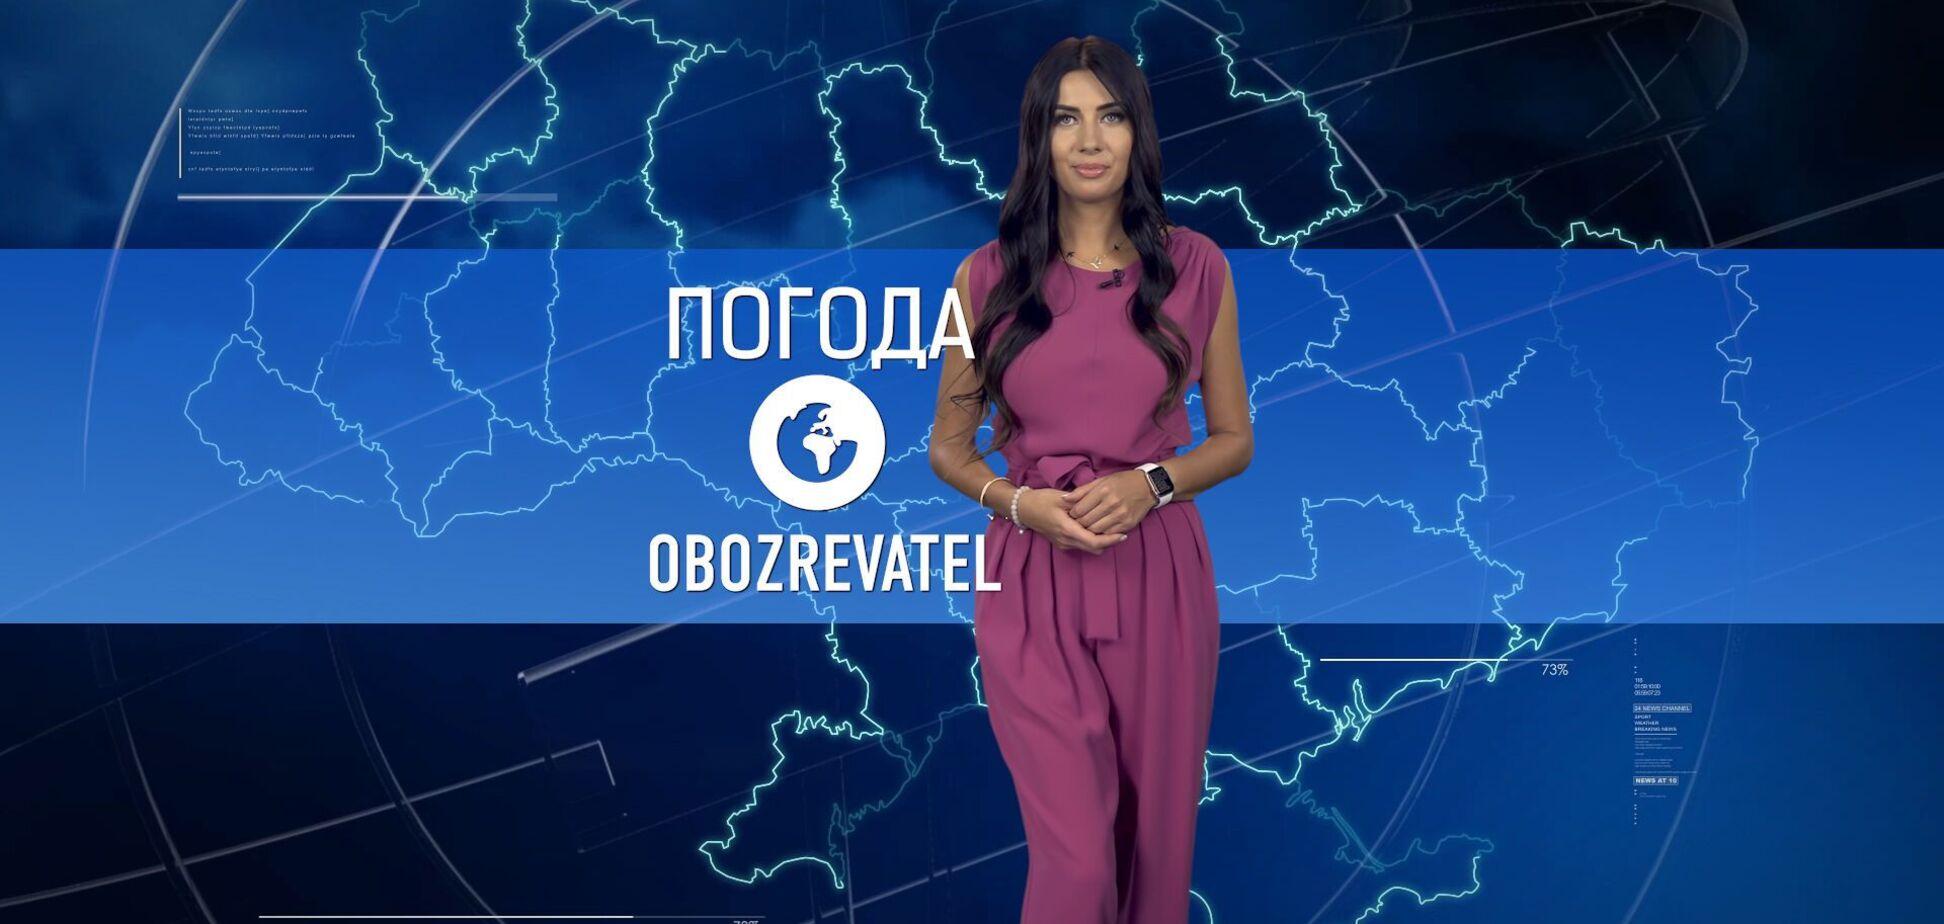 Прогноз погоди в Україні на понеділок 4 січня, з Алісою Мярковською